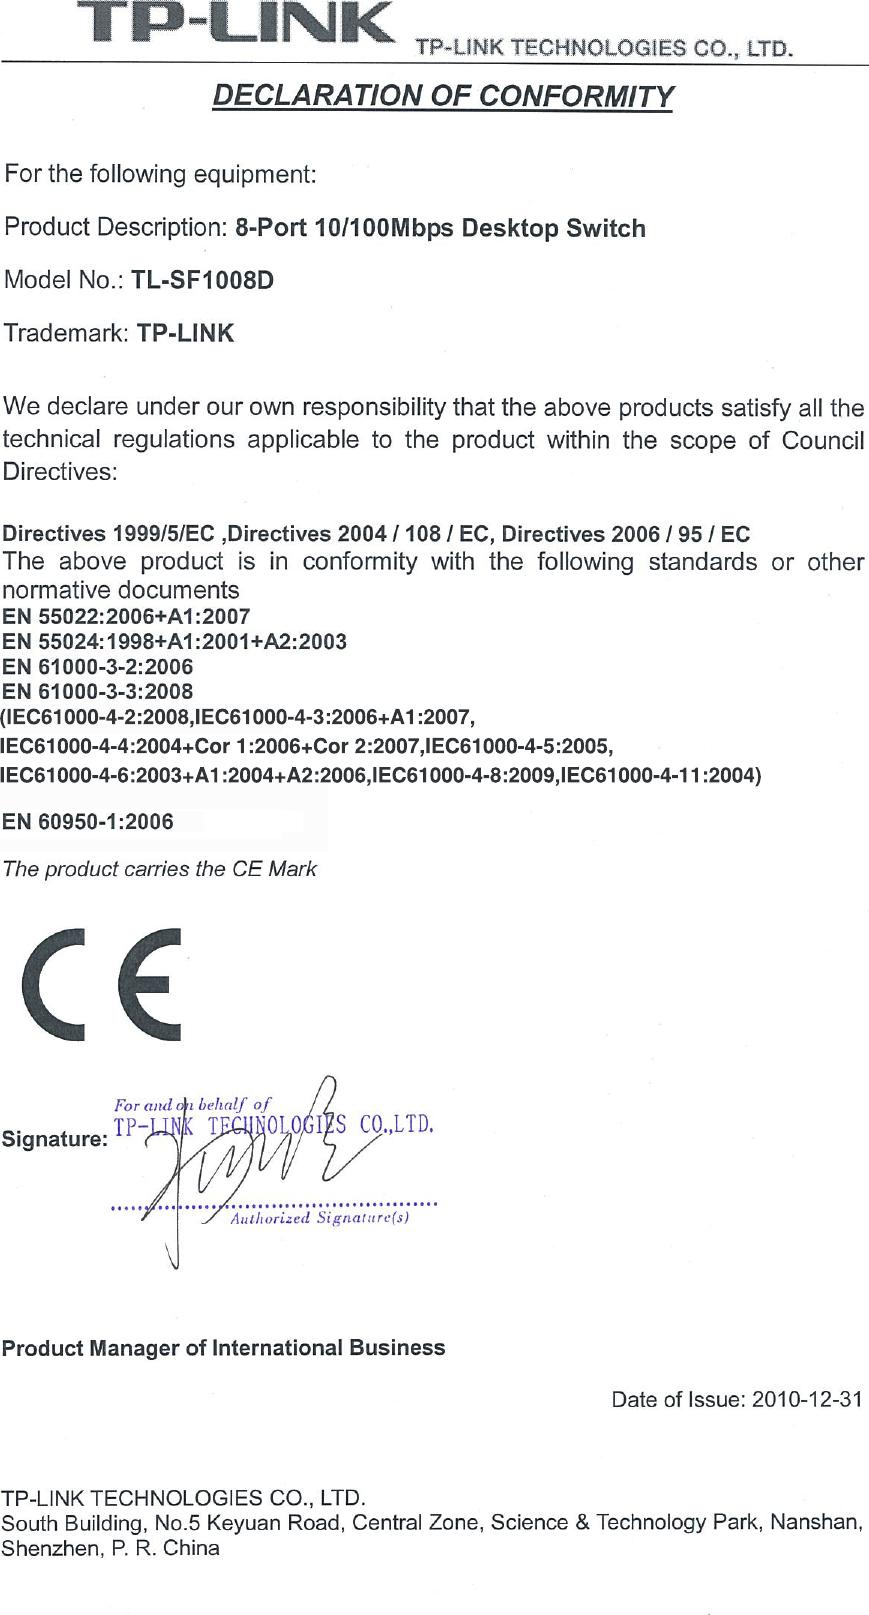 Tp Link Tl Sf1008d V1 Declaration Of Conformity 8port 10 100mbps Desktop Switch